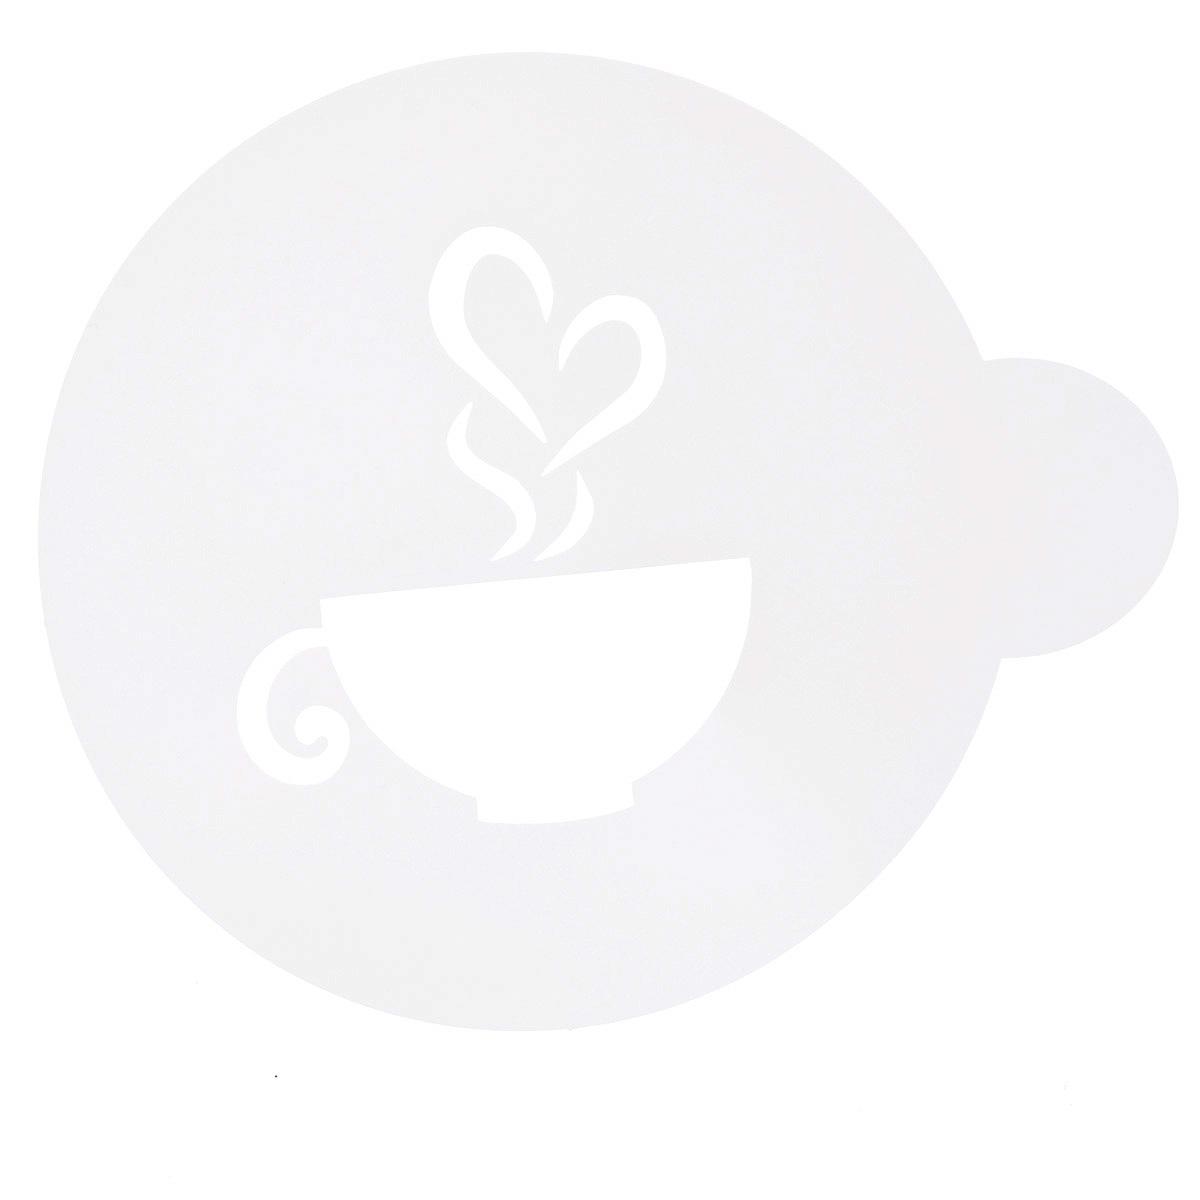 Трафарет на кофе и десерты Леденцовая фабрика Чашка кофе, диаметр 10 смFS-91909Трафарет представляет собой пластину с прорезями, через которые пищевая краска (сахарная пудра, какао, шоколад, сливки, корица, дробленый орех) наносится на поверхность кофе, молочных коктейлей, десертов. Трафарет изготовлен из матового пищевого пластика 250 мкм и пригоден для контакта с пищевыми продуктами. Трафарет многоразовый. Побалуйте себя и ваших близких красиво оформленным кофе.